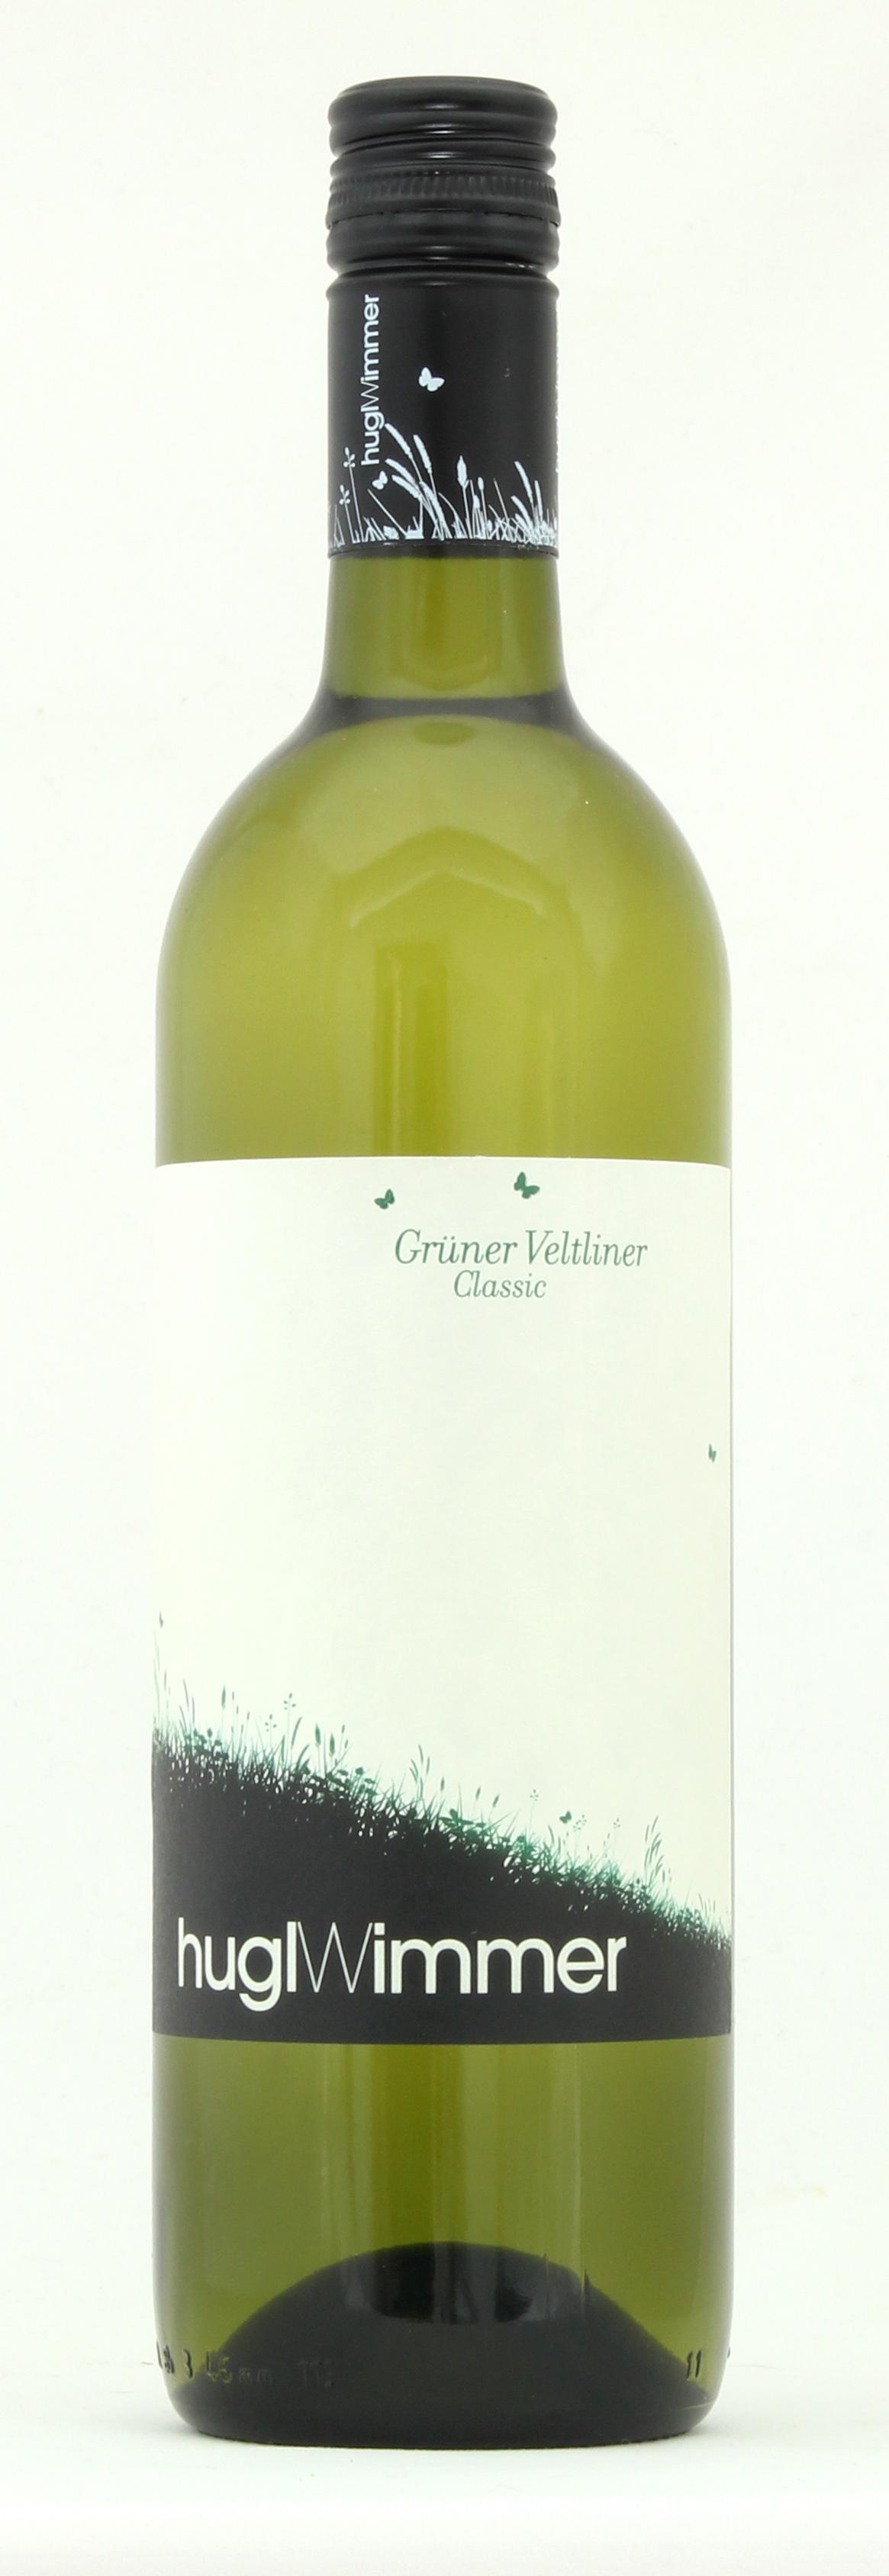 Hugl Wimmer Grüner Veltliner Classic